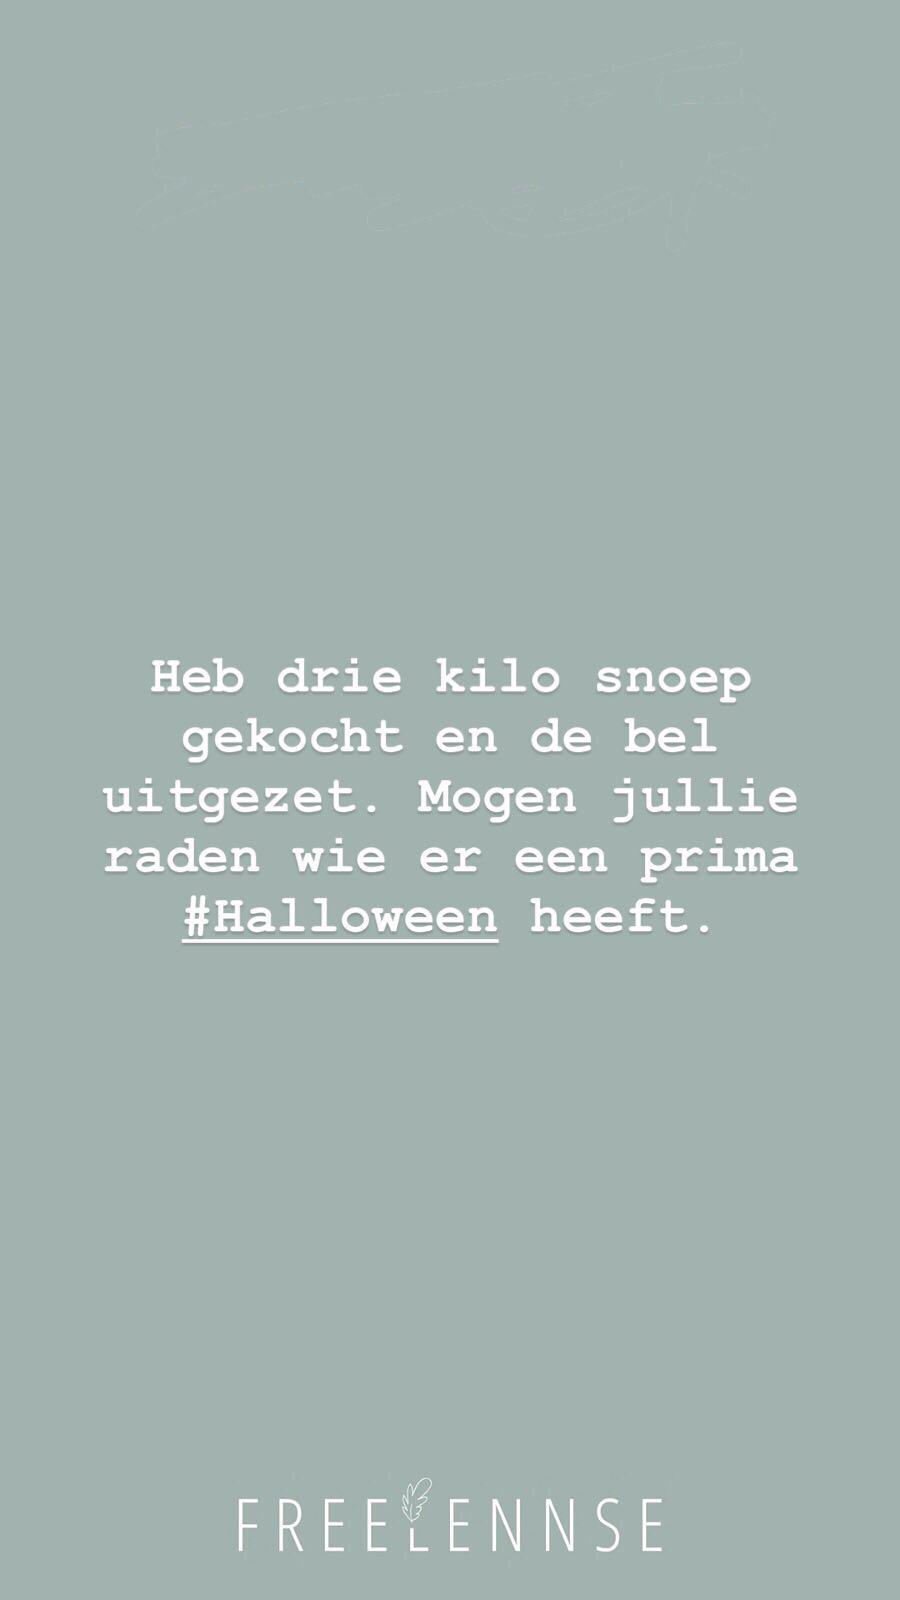 Halloween bel uitzetten